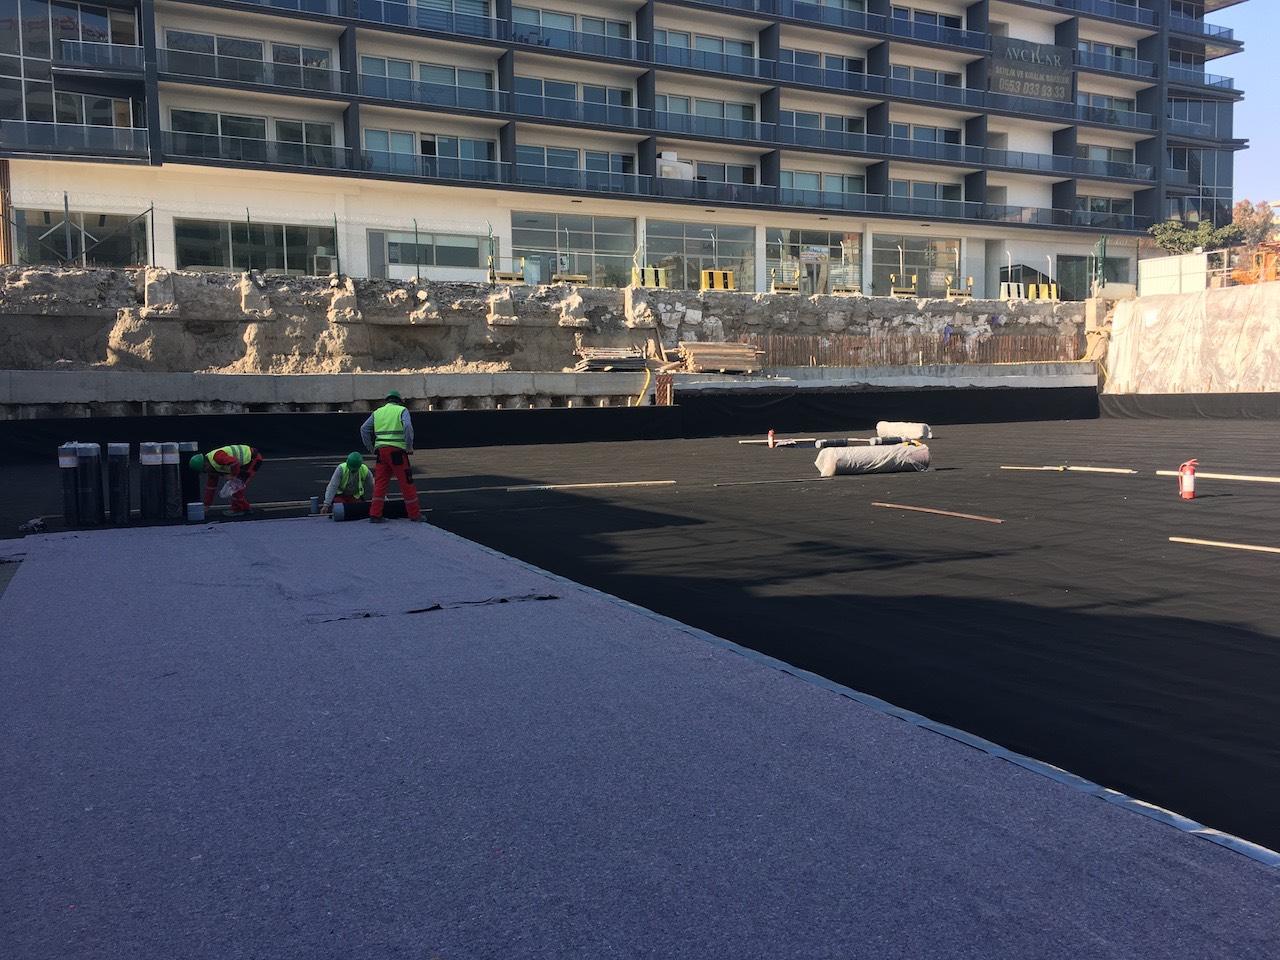 Temel altı betona yapışan membran ile su izolasyonu